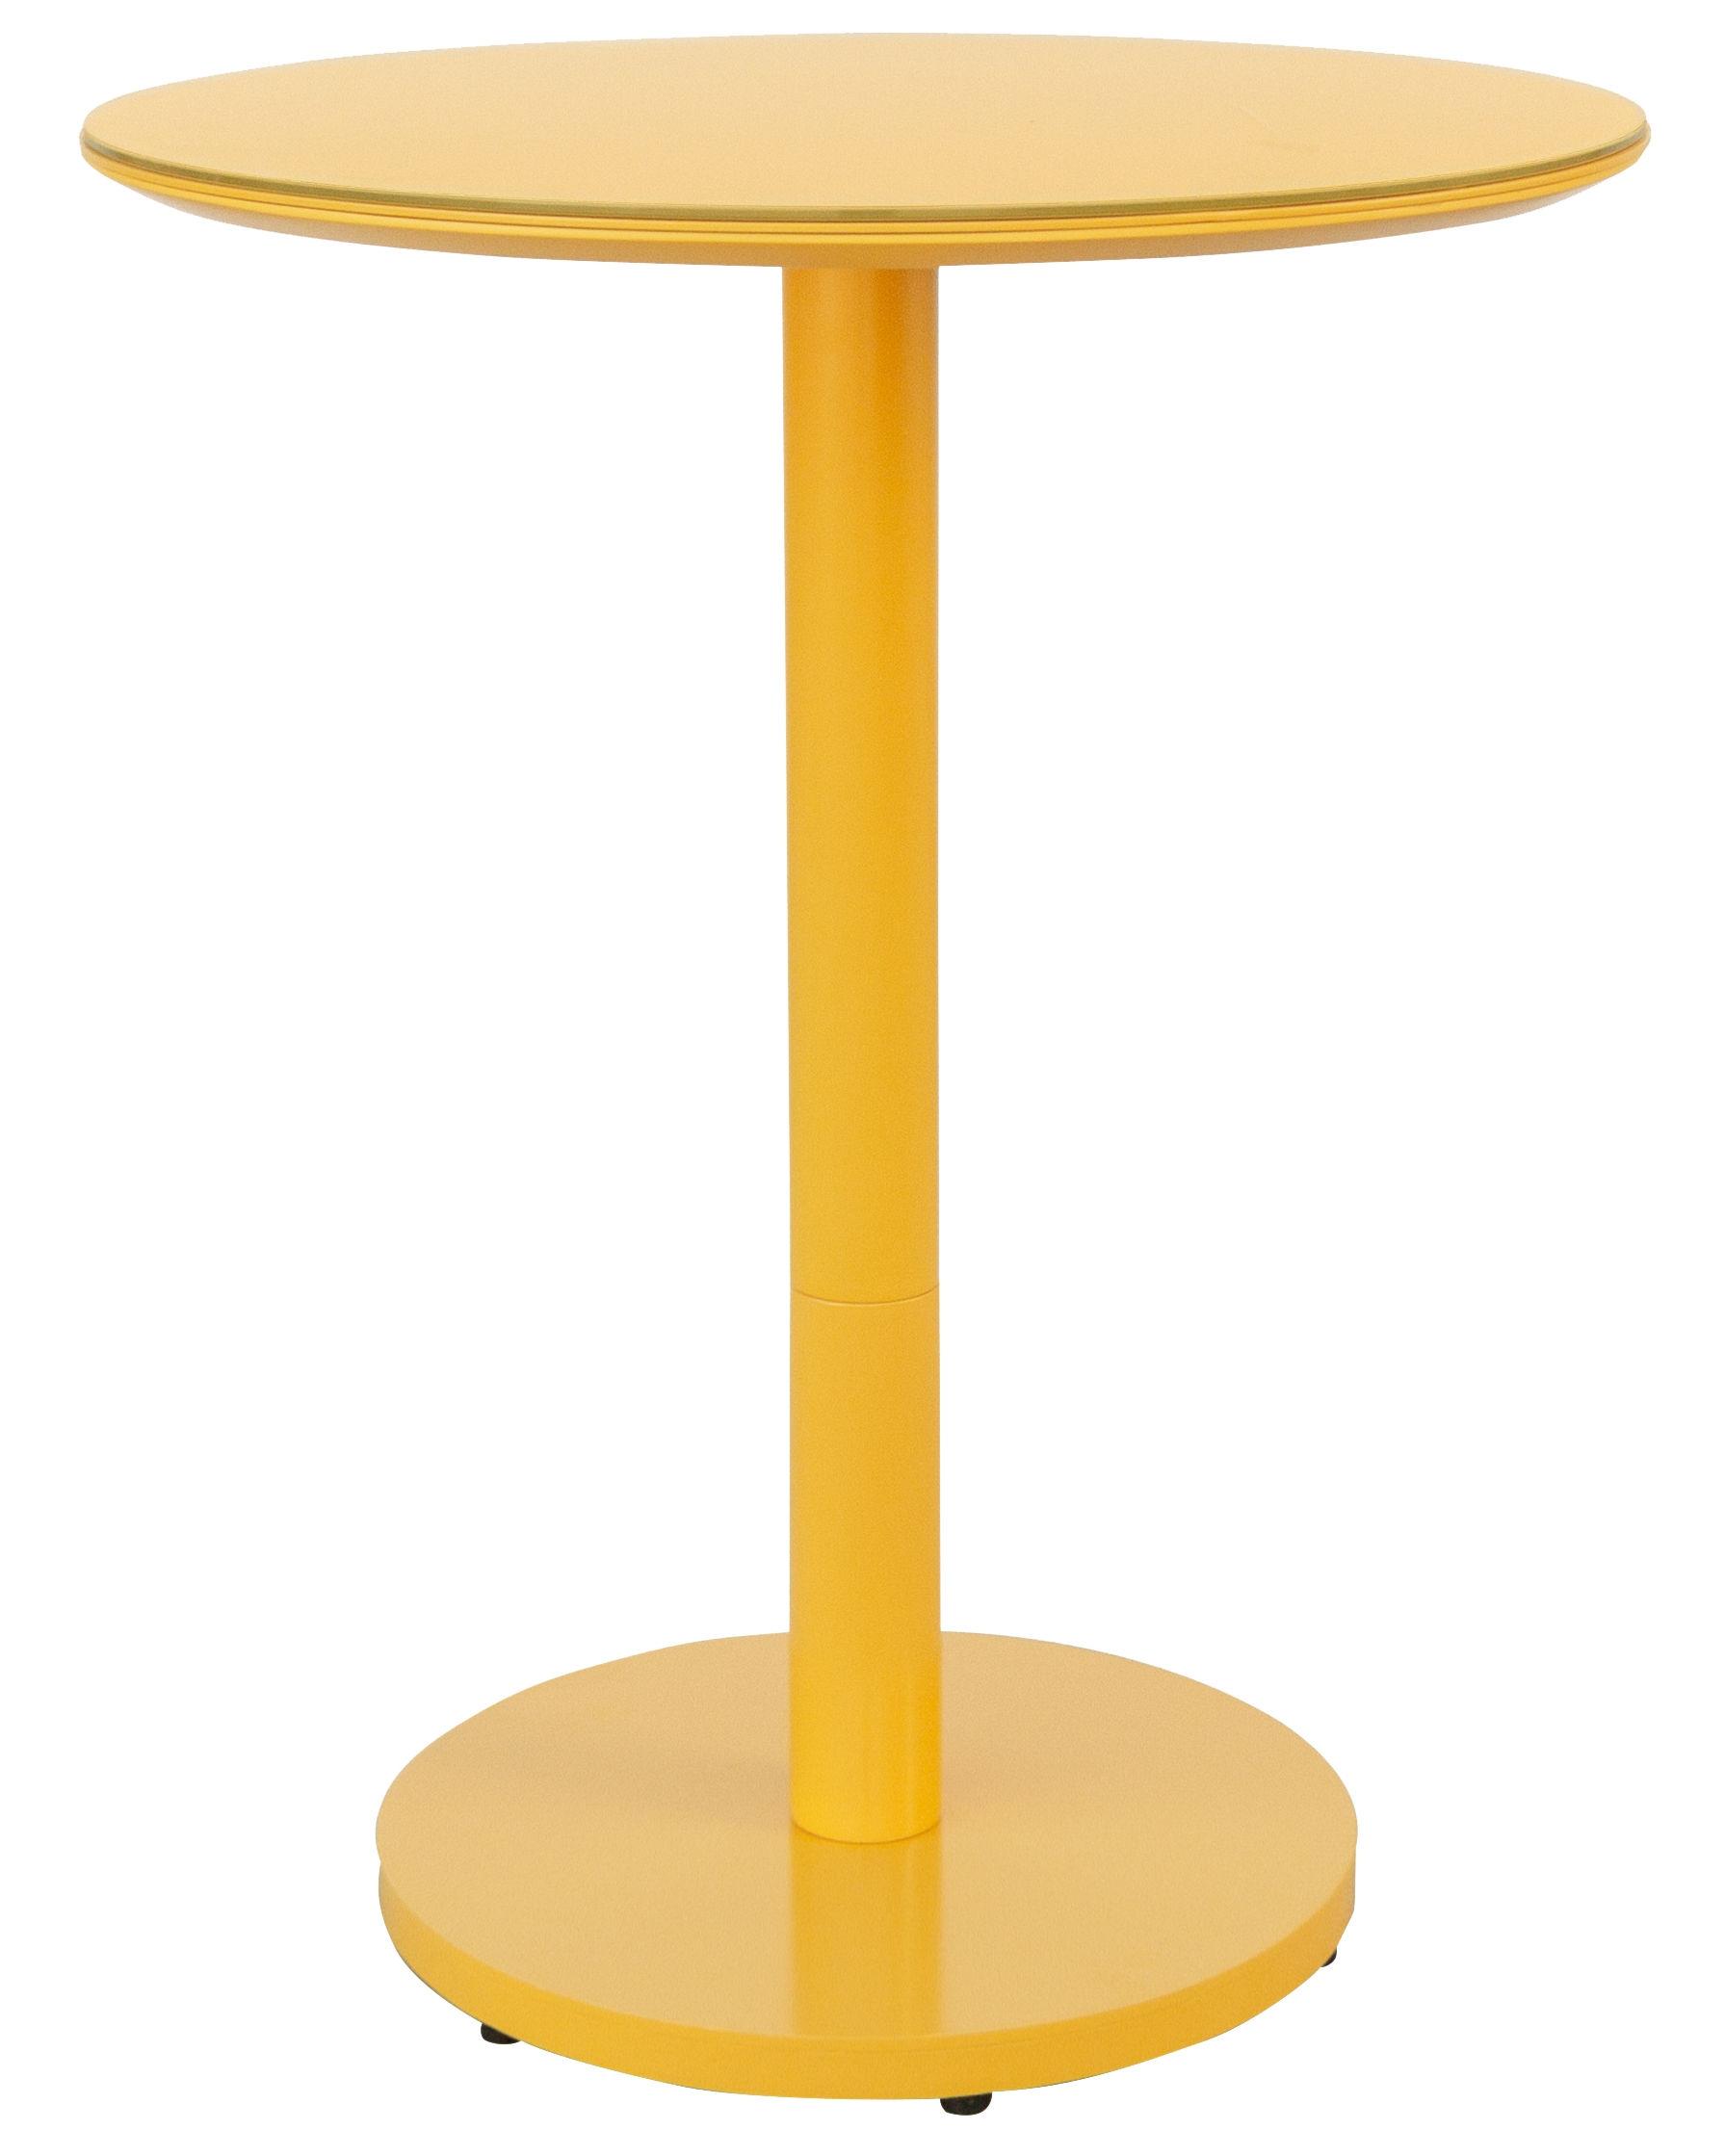 Jagger Bistro Tables - Mustard